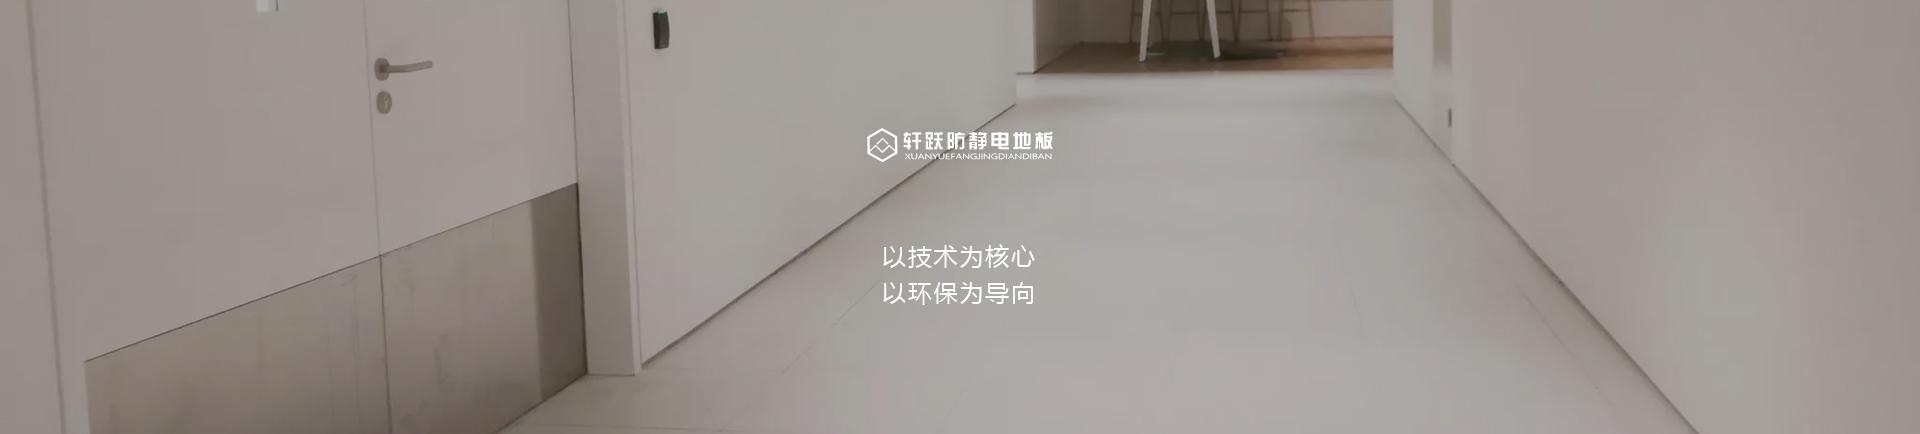 全鋼防靜電地板